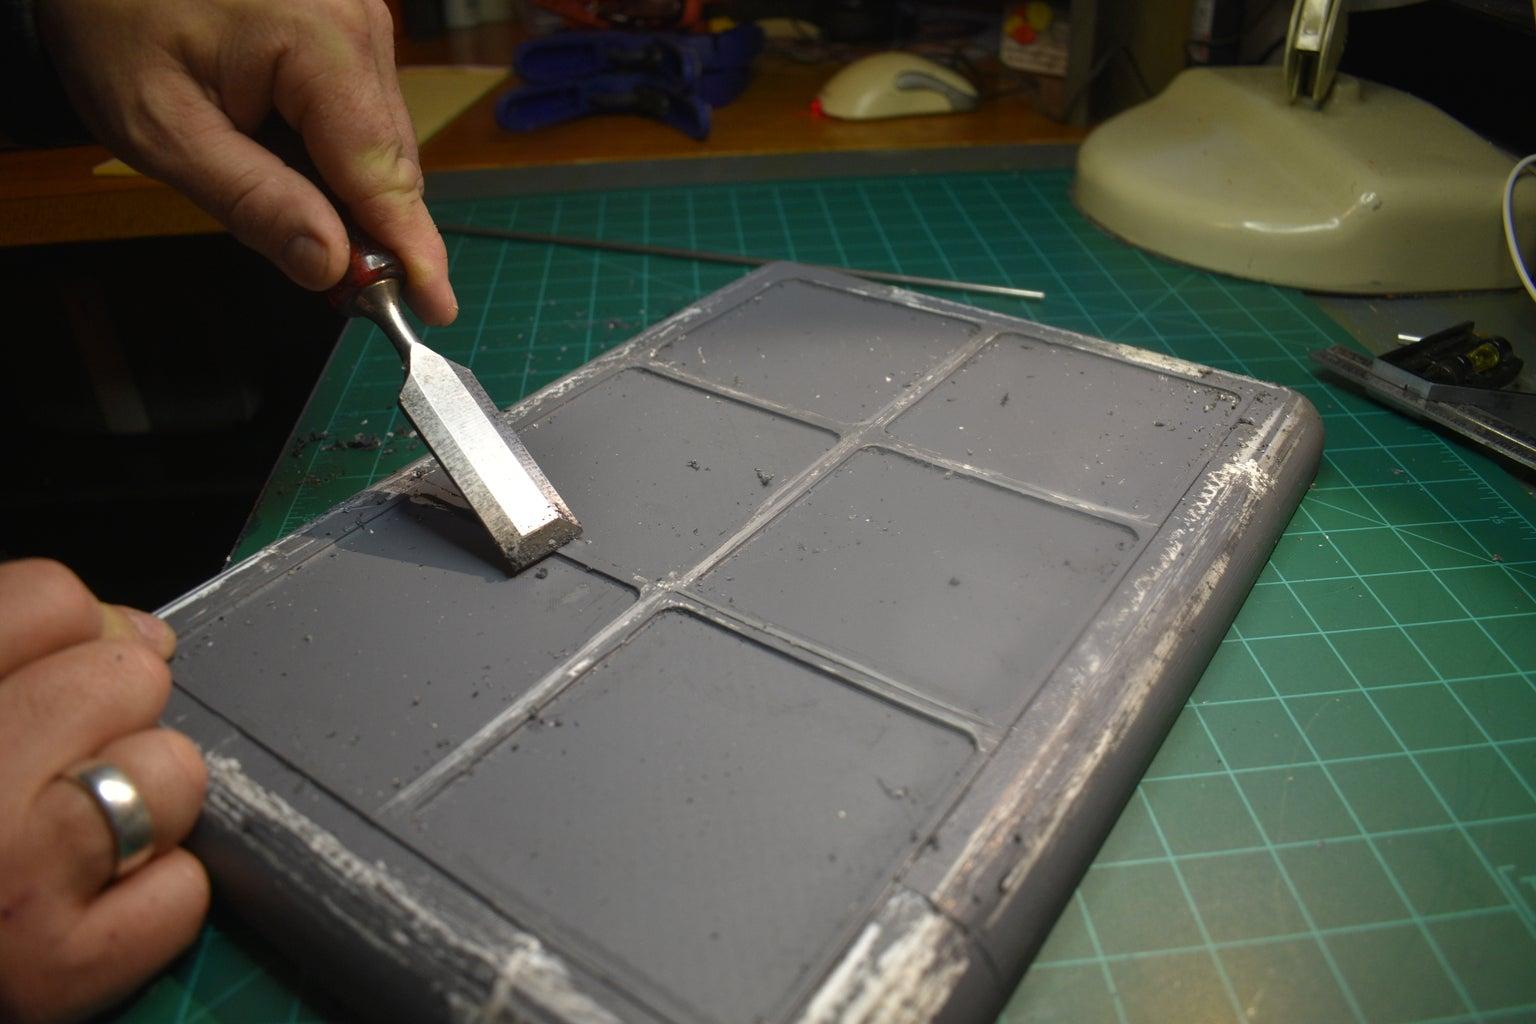 Clean Up Dried Glue